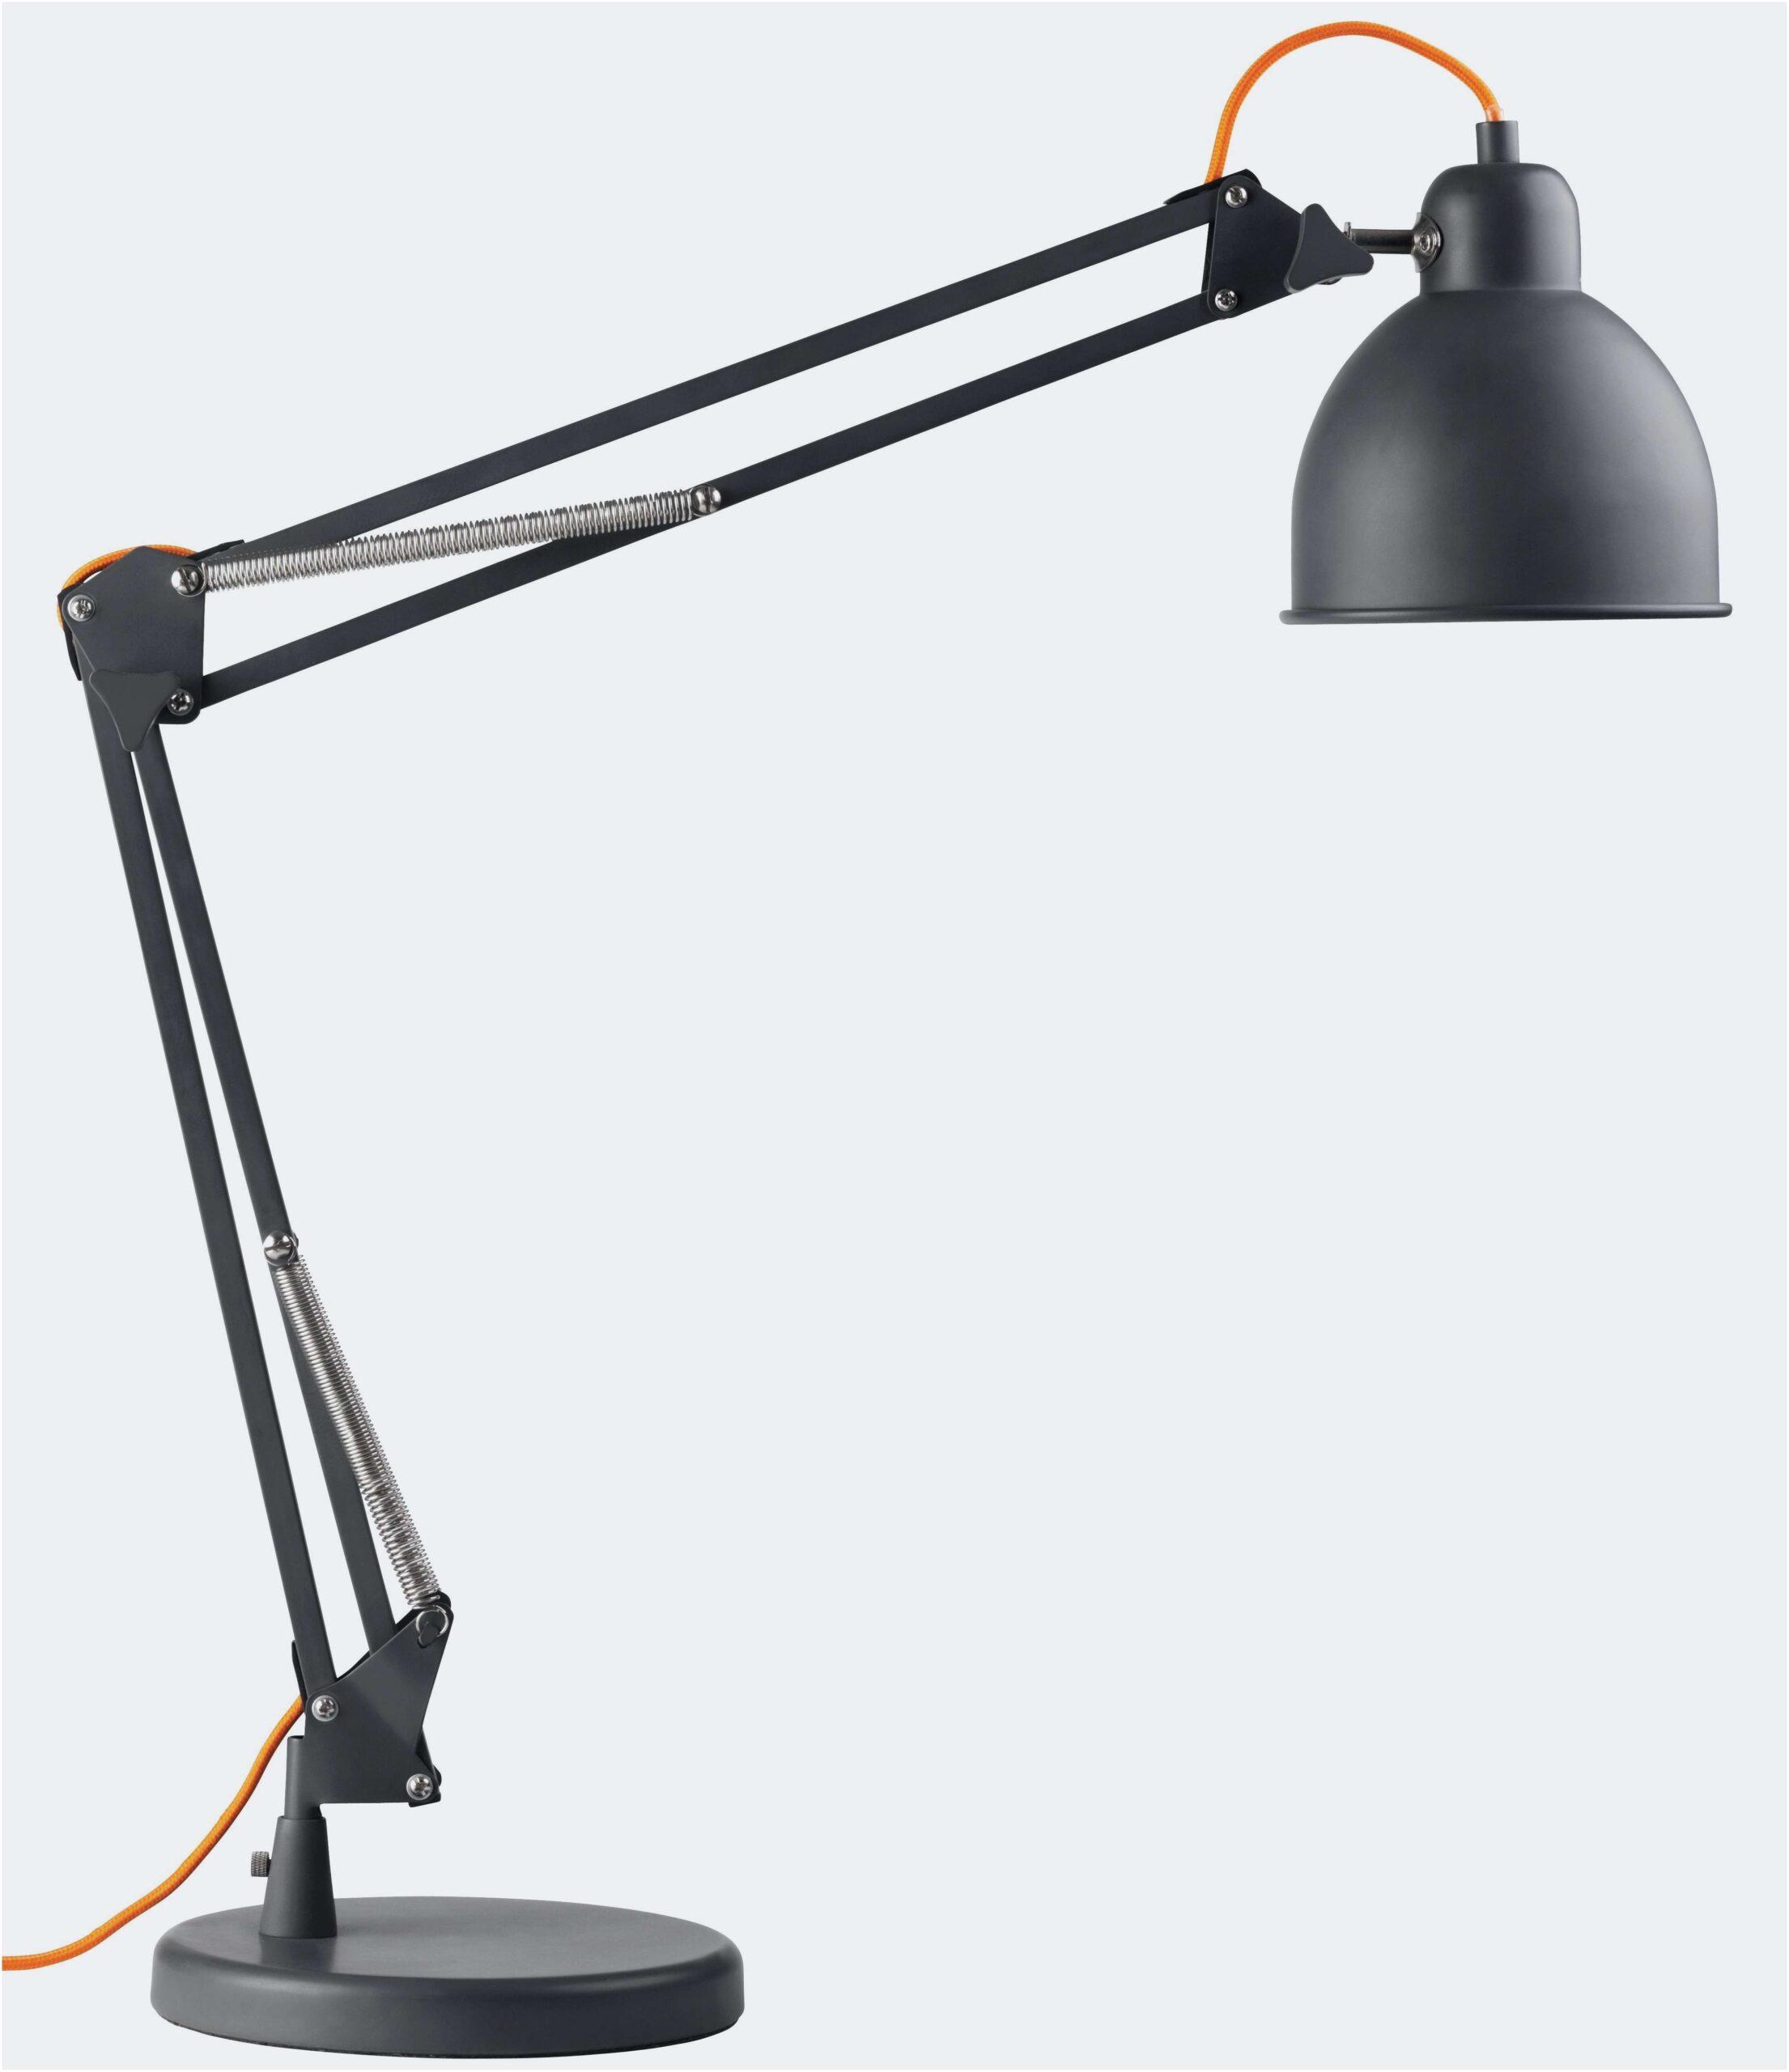 Full Size of Ikea Bogenlampe Anleitung Bogenlampen Regolit Hack Papier Kaufen Stehlampe Steh Betten 160x200 Sofa Mit Schlaffunktion Modulküche Miniküche Esstisch Bei Wohnzimmer Ikea Bogenlampe